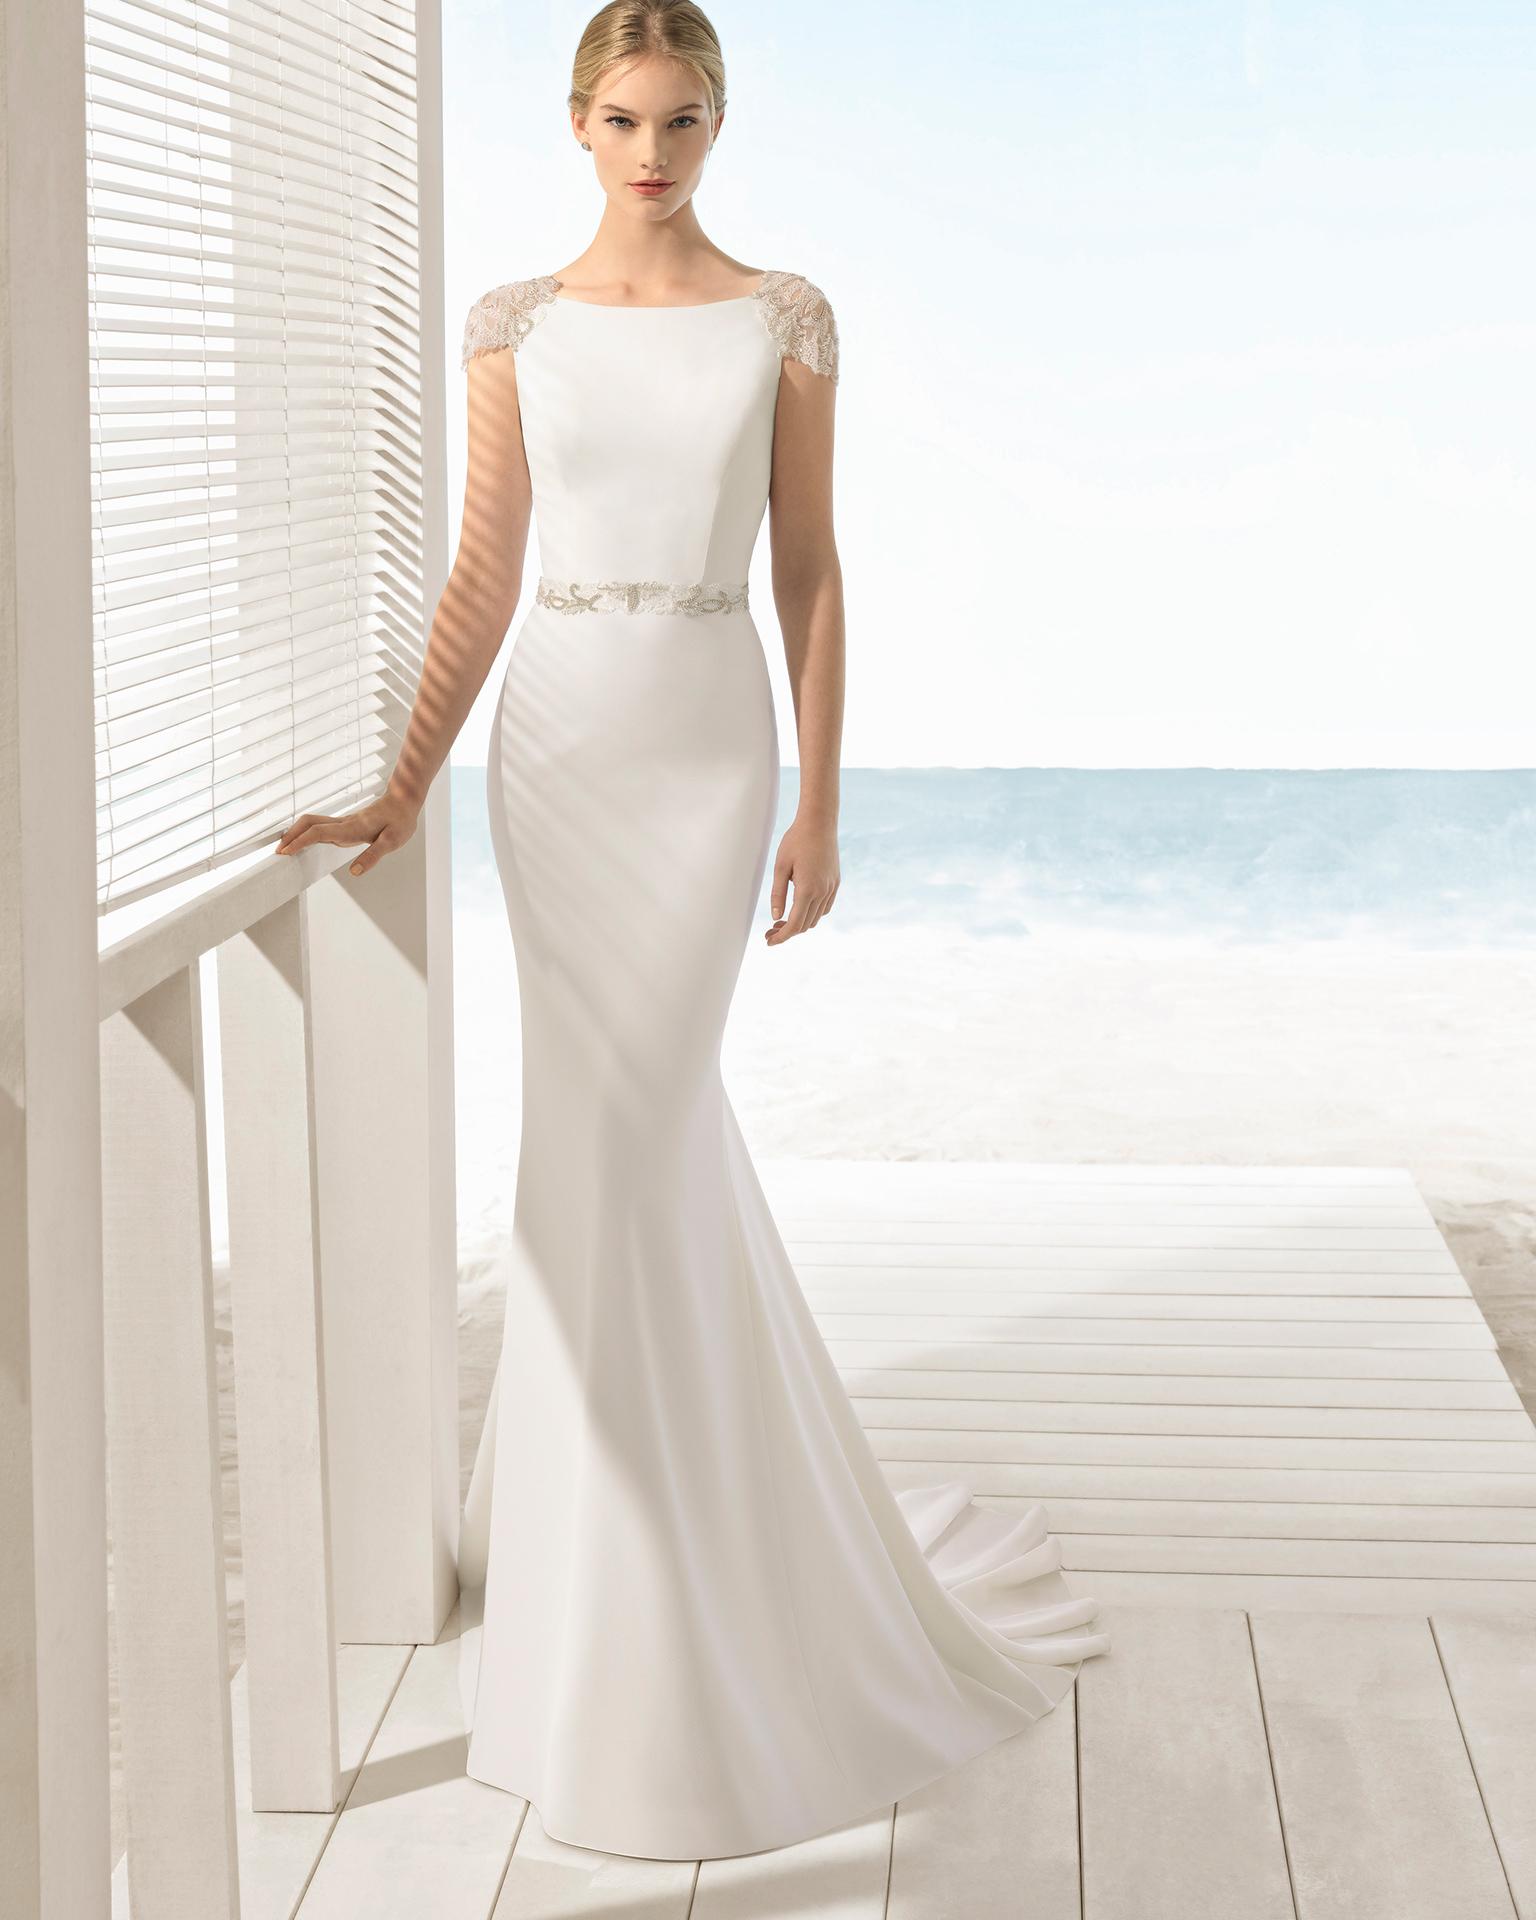 فستان زفاف مصمّم على نمط حورية البحر من الكريب مع فتحة ظهر كبيرة مزخرفة بالخرز.